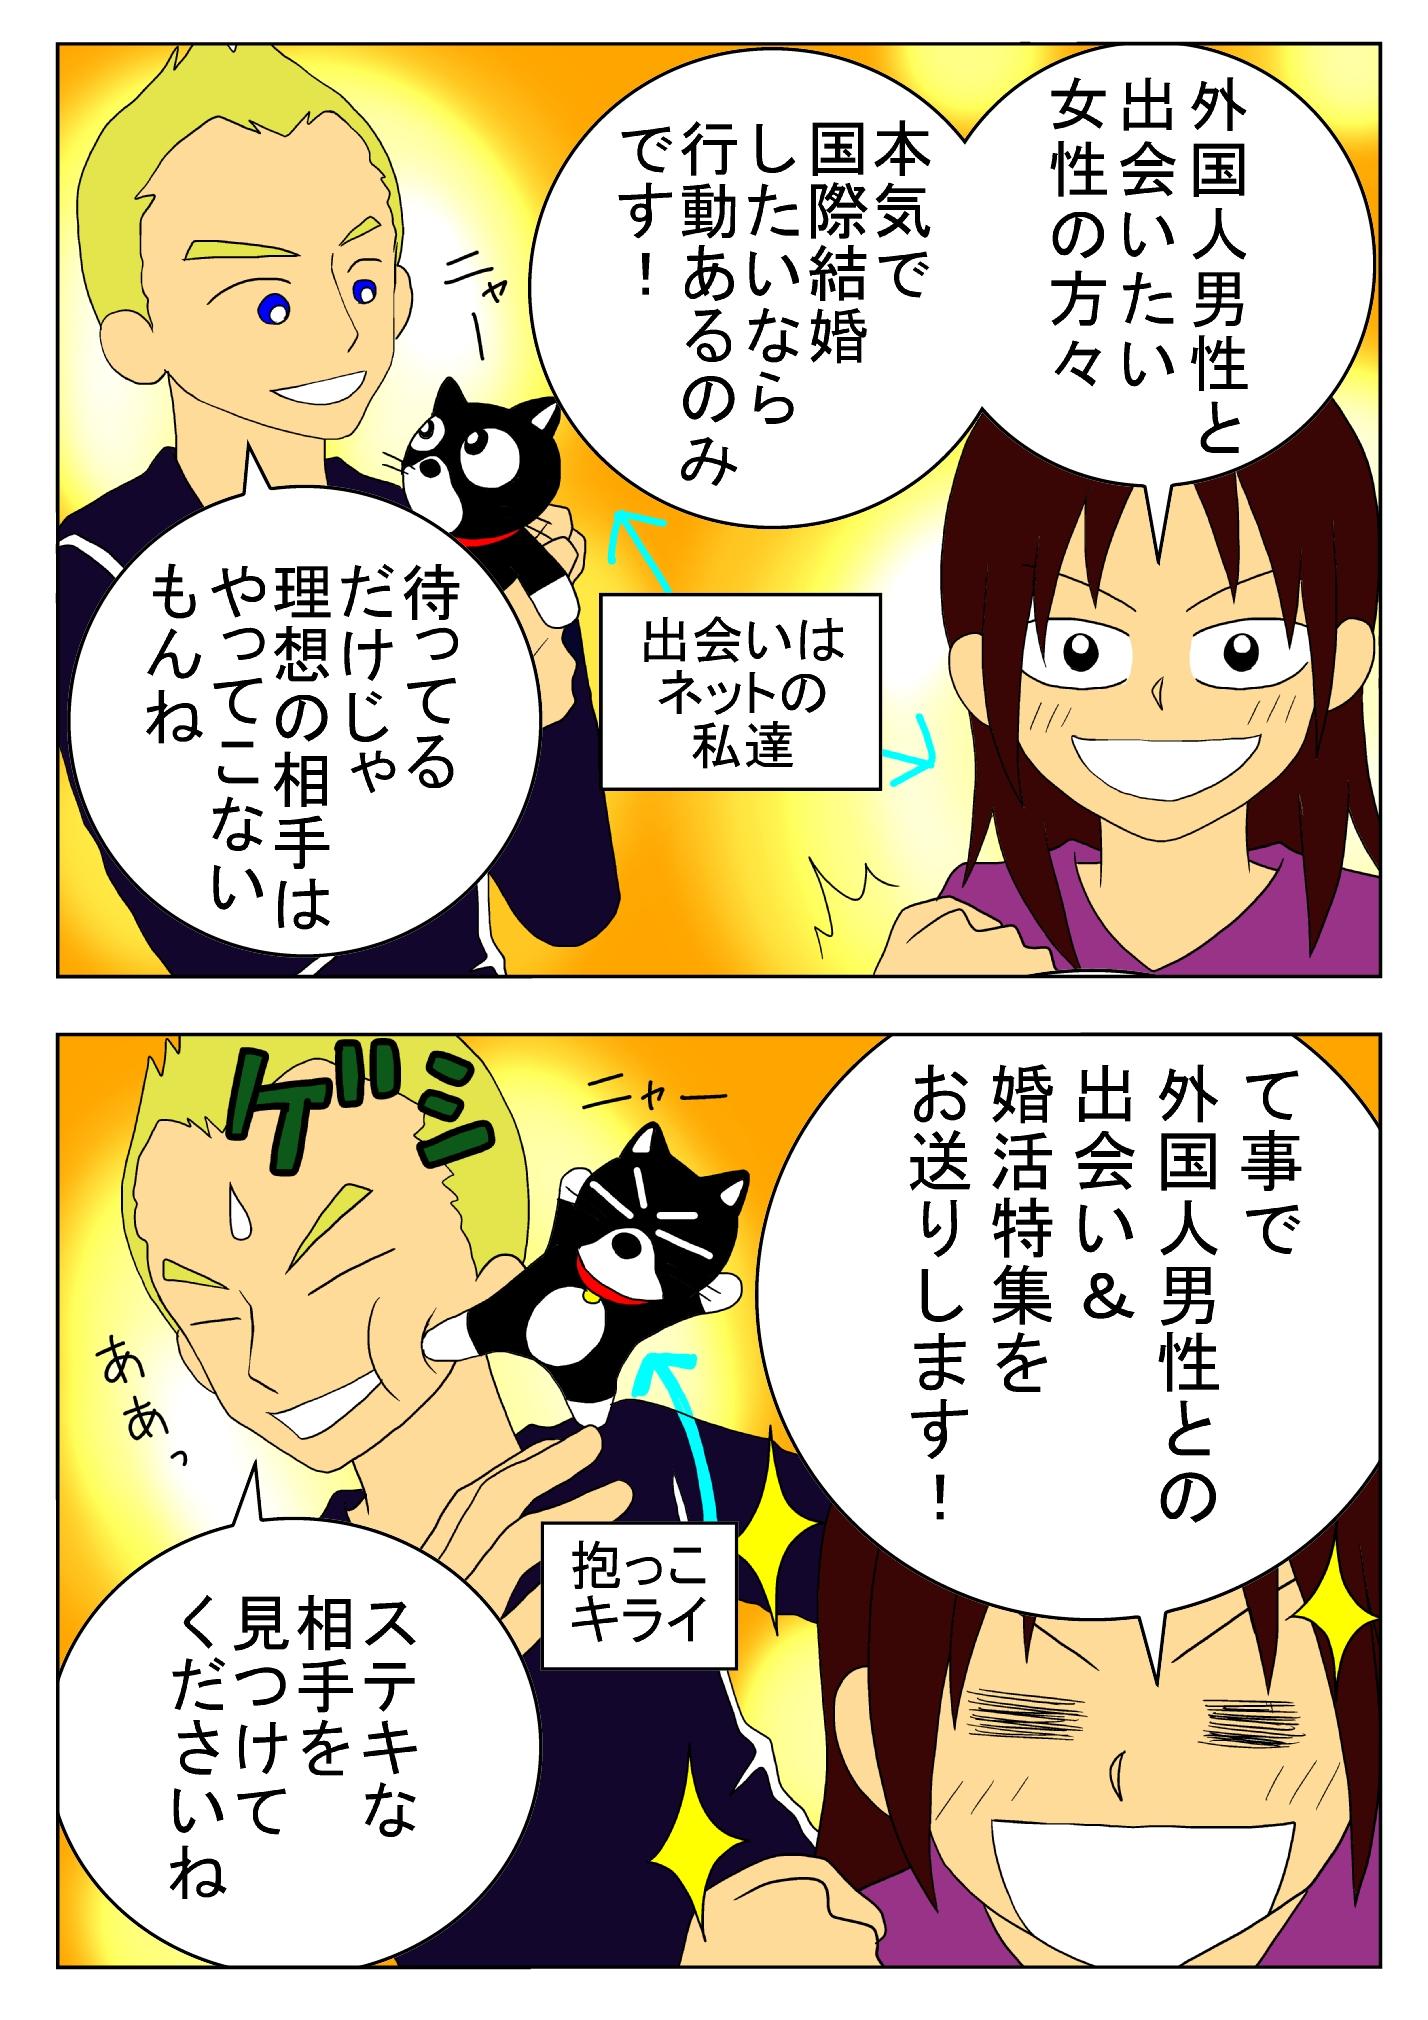 konkatsu1